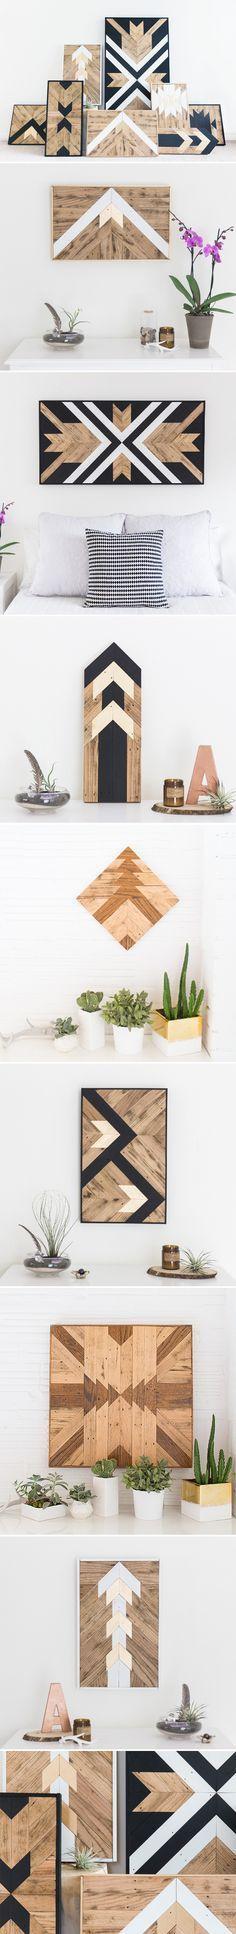 DIY Bois - tableau en bois. De splendides tableaux en bois à réaliser avec quelques lames de parements bois et/ou des tasseaux de bois de Gascogne Bois. Regroupez des tasseaux, choisissez votre modèle et lancez-vous! Inspirez vous des exemples ci-dessus pour réaliser votre propre design original. Une décoration en bois unique pour votre intérieur! Retrouvez des produits bois sur le site http://www.gascognebois.com/ #diy #bois #art #design #wood